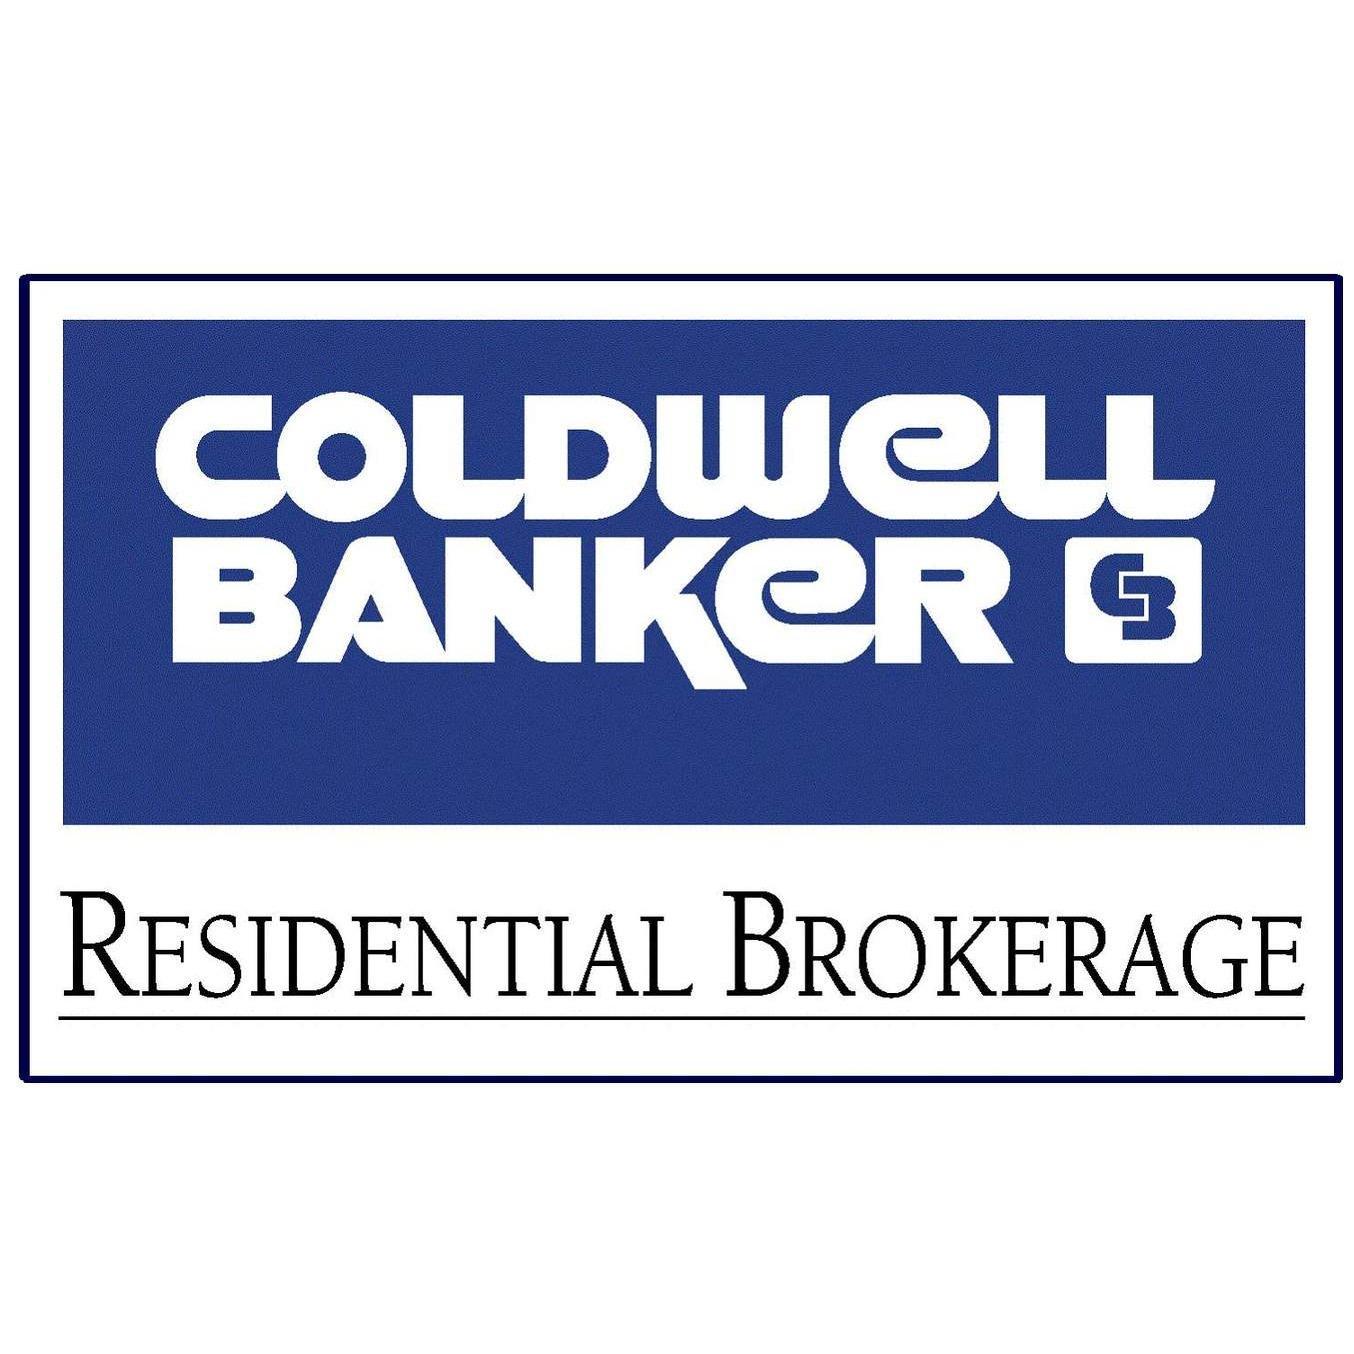 Jeff Nuetzmann | Coldwell Banker Residential Brokerage